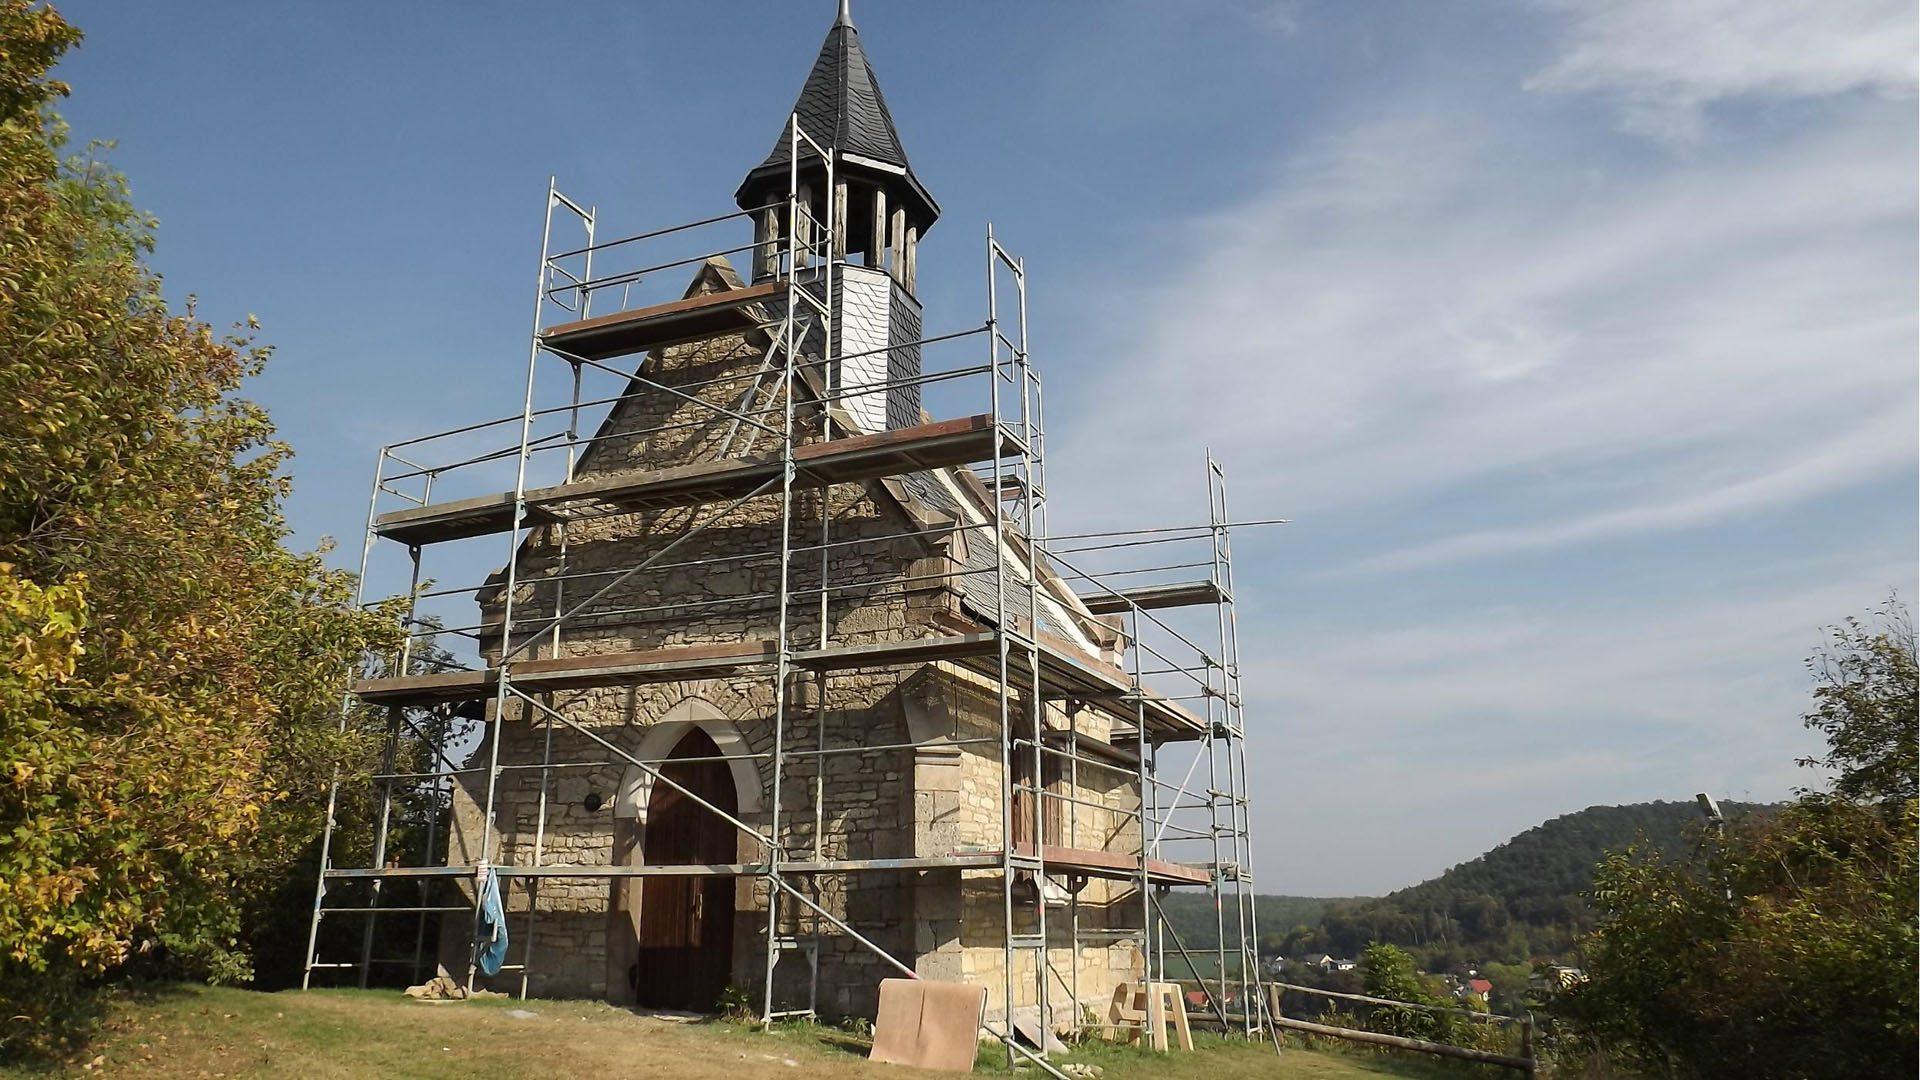 Kirche eingerüstet und im Umbau  | © Michael Loeper/Pixelio.de